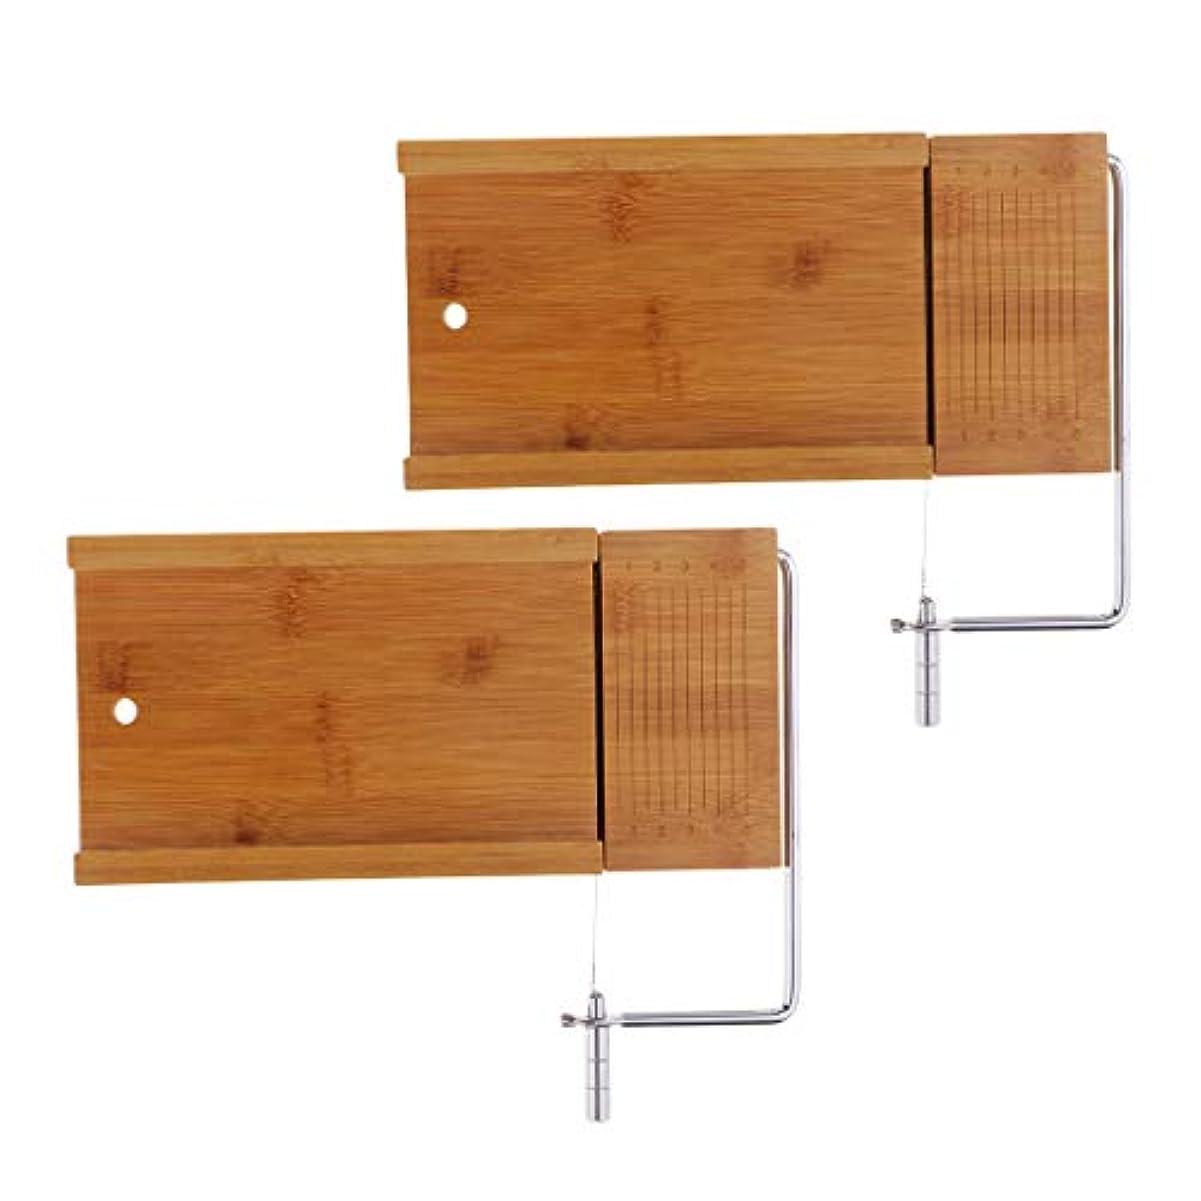 健康ソーセージエリート2個入り ソープスライサー ソープカッター 台 木質 せっけんカッター ワイヤー 石鹸切削工具 耐久性